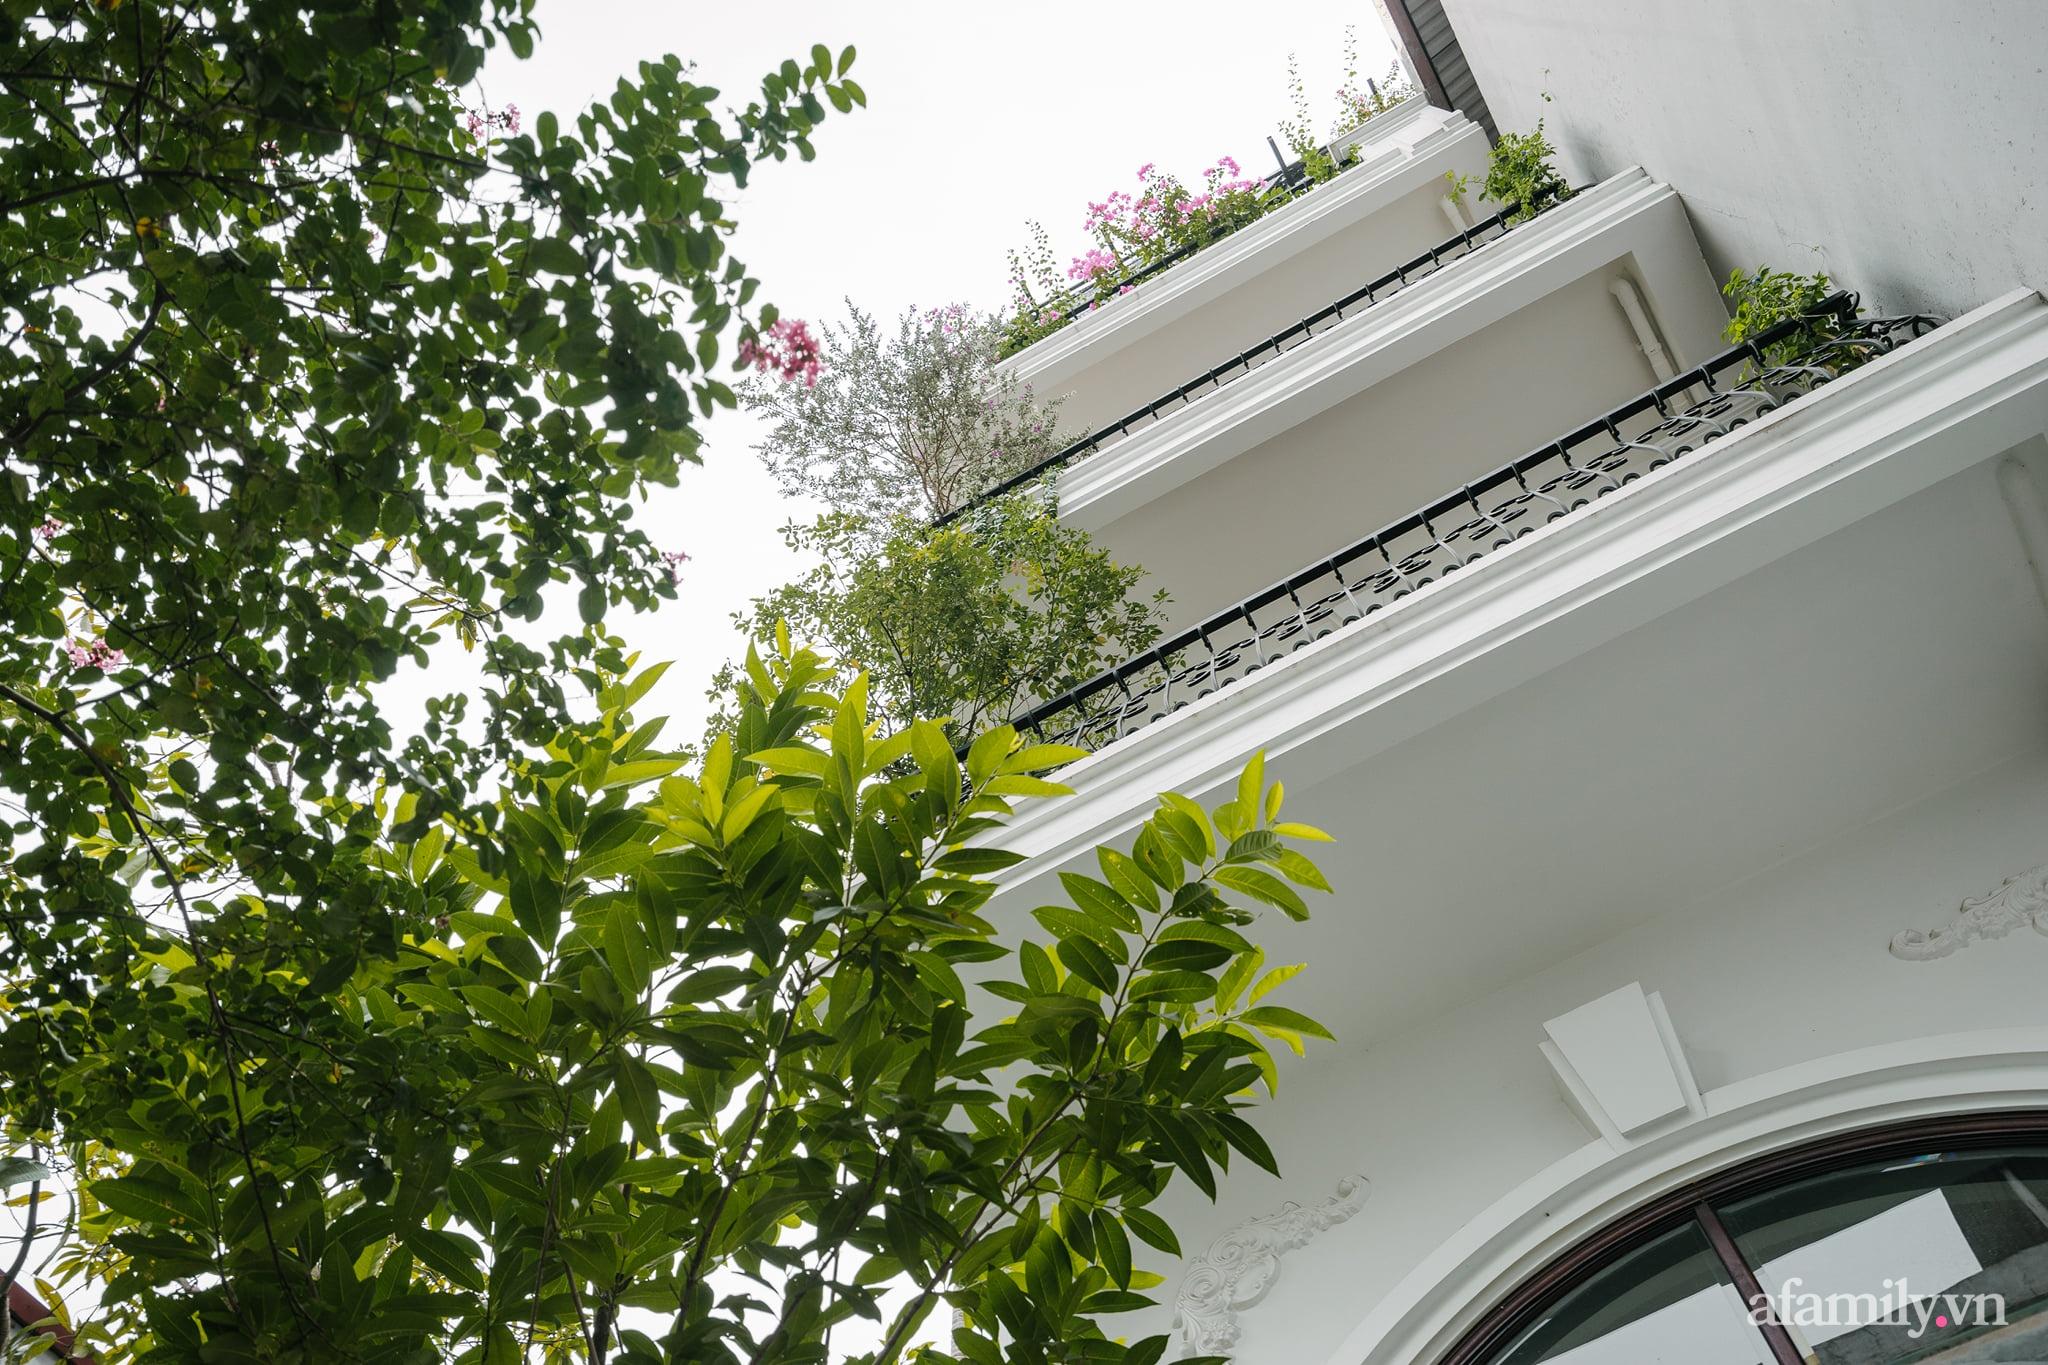 Căn nhà của miền ký ức được xây dựng từ lòng hiếu thảo của con trai dành cho bố mẹ ở Long Biên, Hà Nội - Ảnh 2.